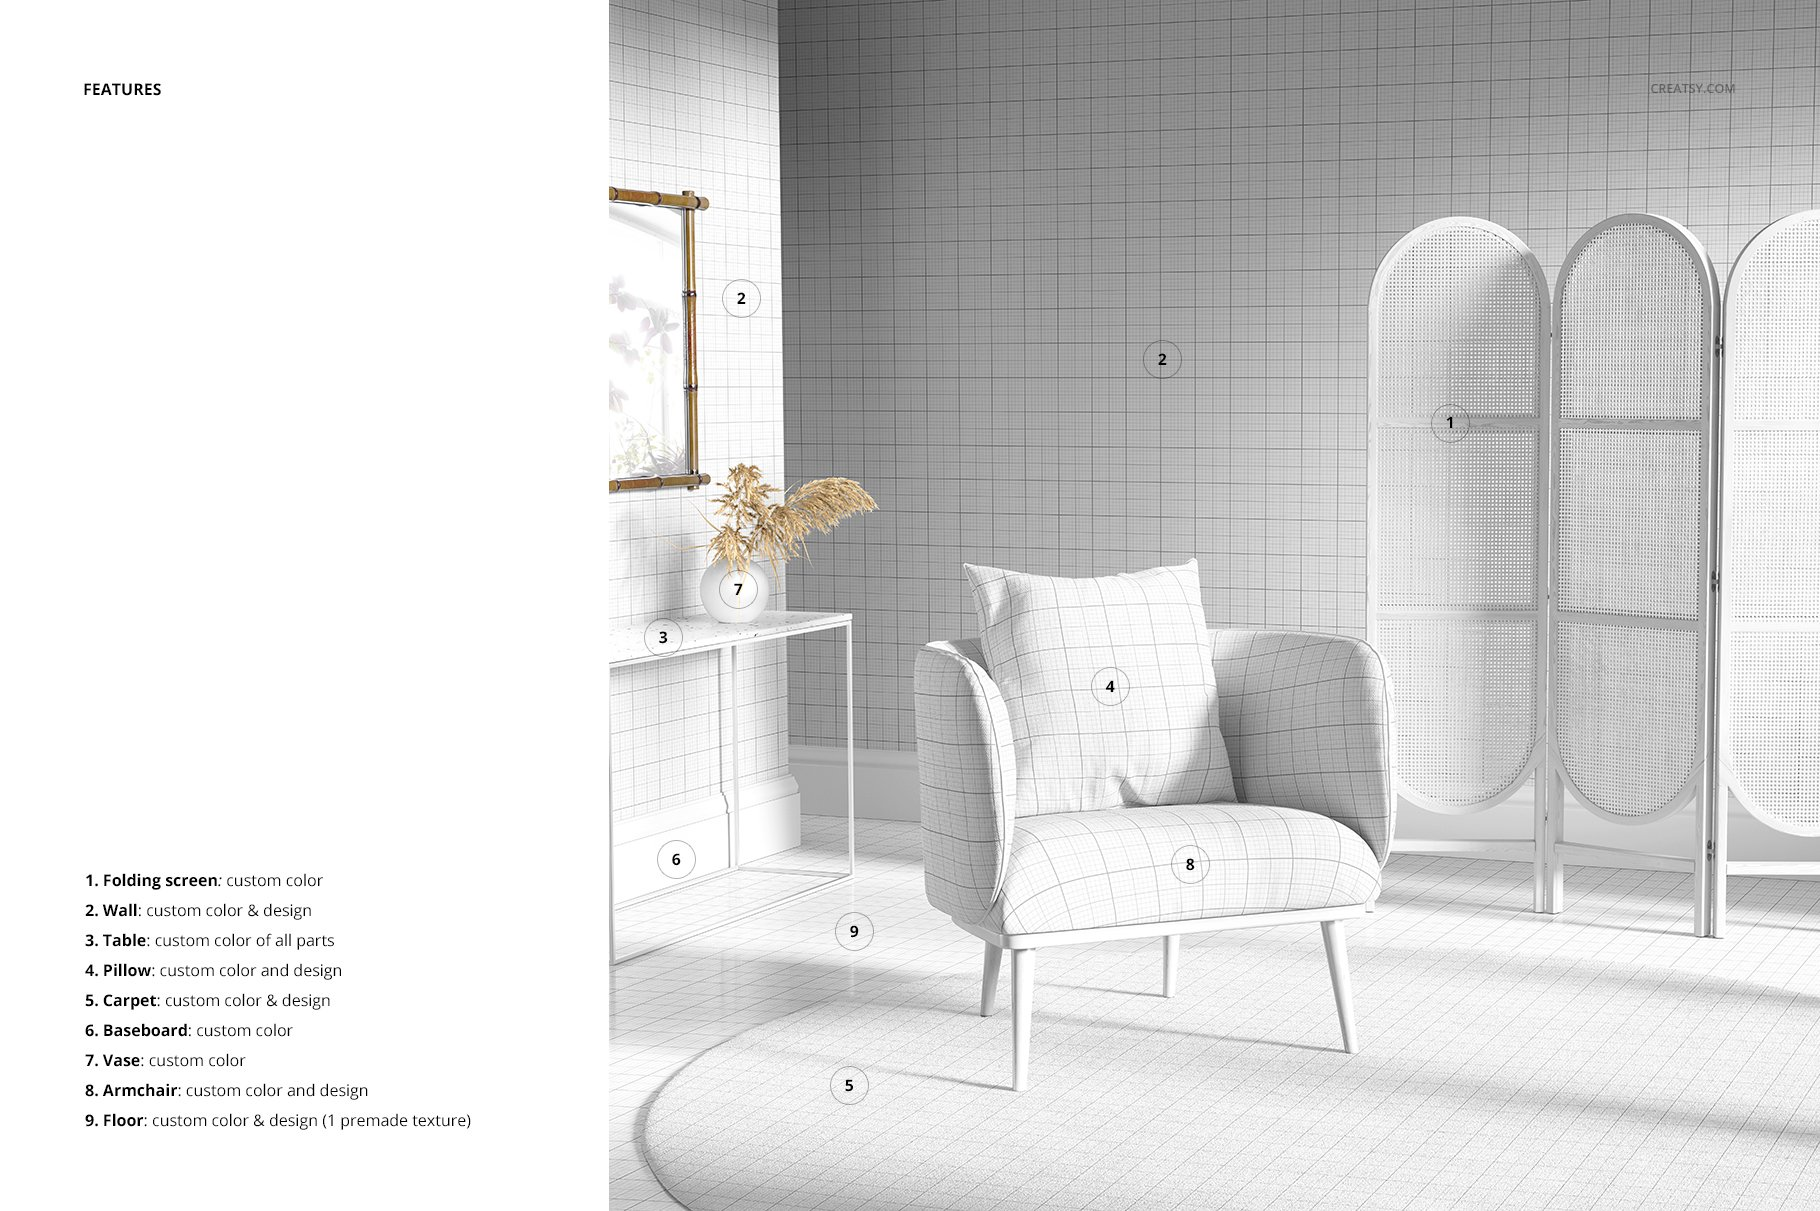 室内场景扶手椅子面料印花图案设计展示PS样机模板素材 Interior Scene Mockup (25FFv.10)插图3